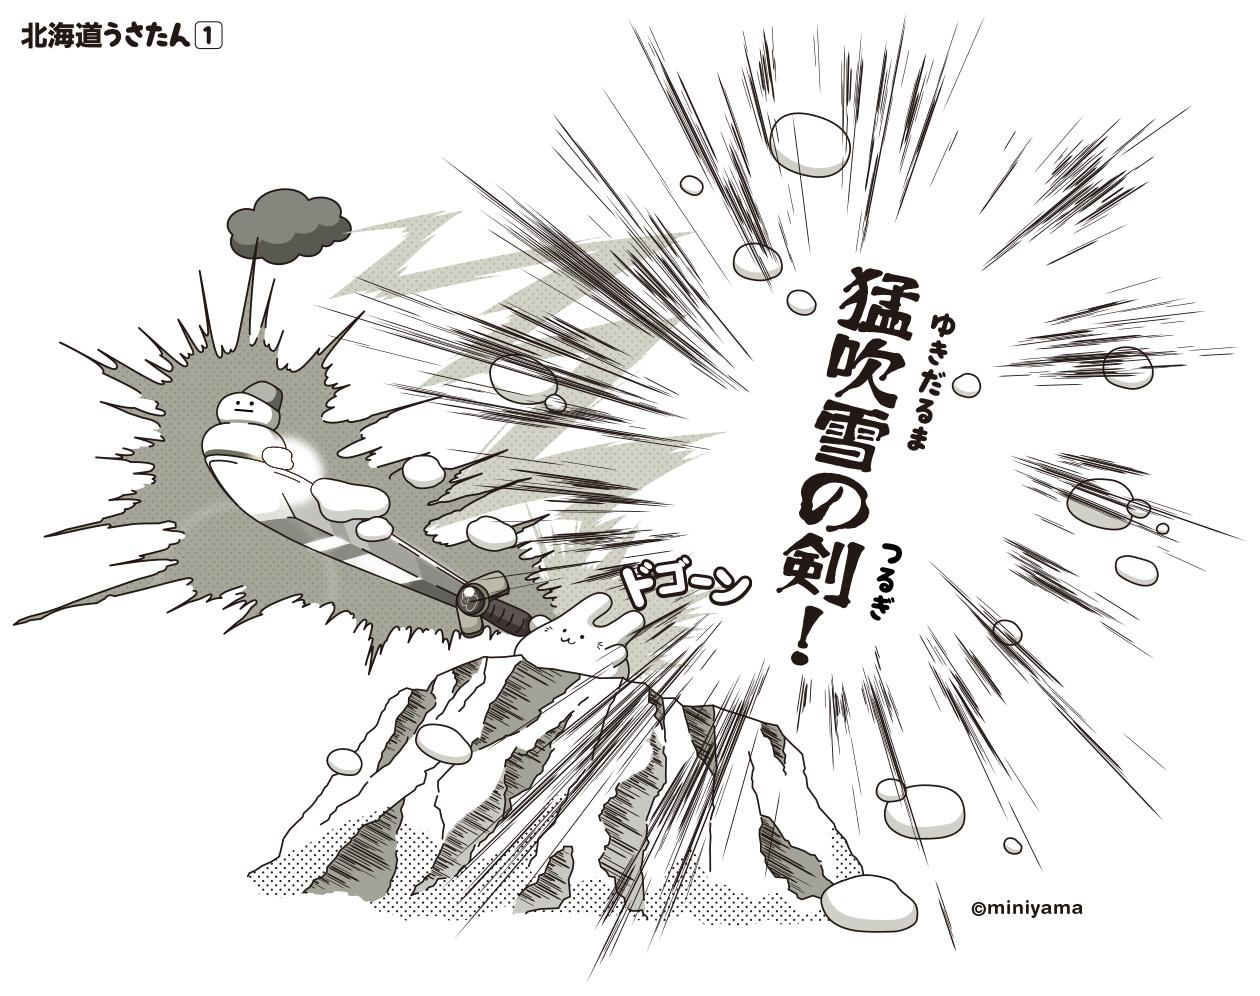 【きょうの北海道うさぎフォントツアーまとめ】<北海道うさたんマンガ>「猛吹雪の剣! チャッ」ヒラギノフォント(雪だるま)・イナクズレ・mini-わくわく